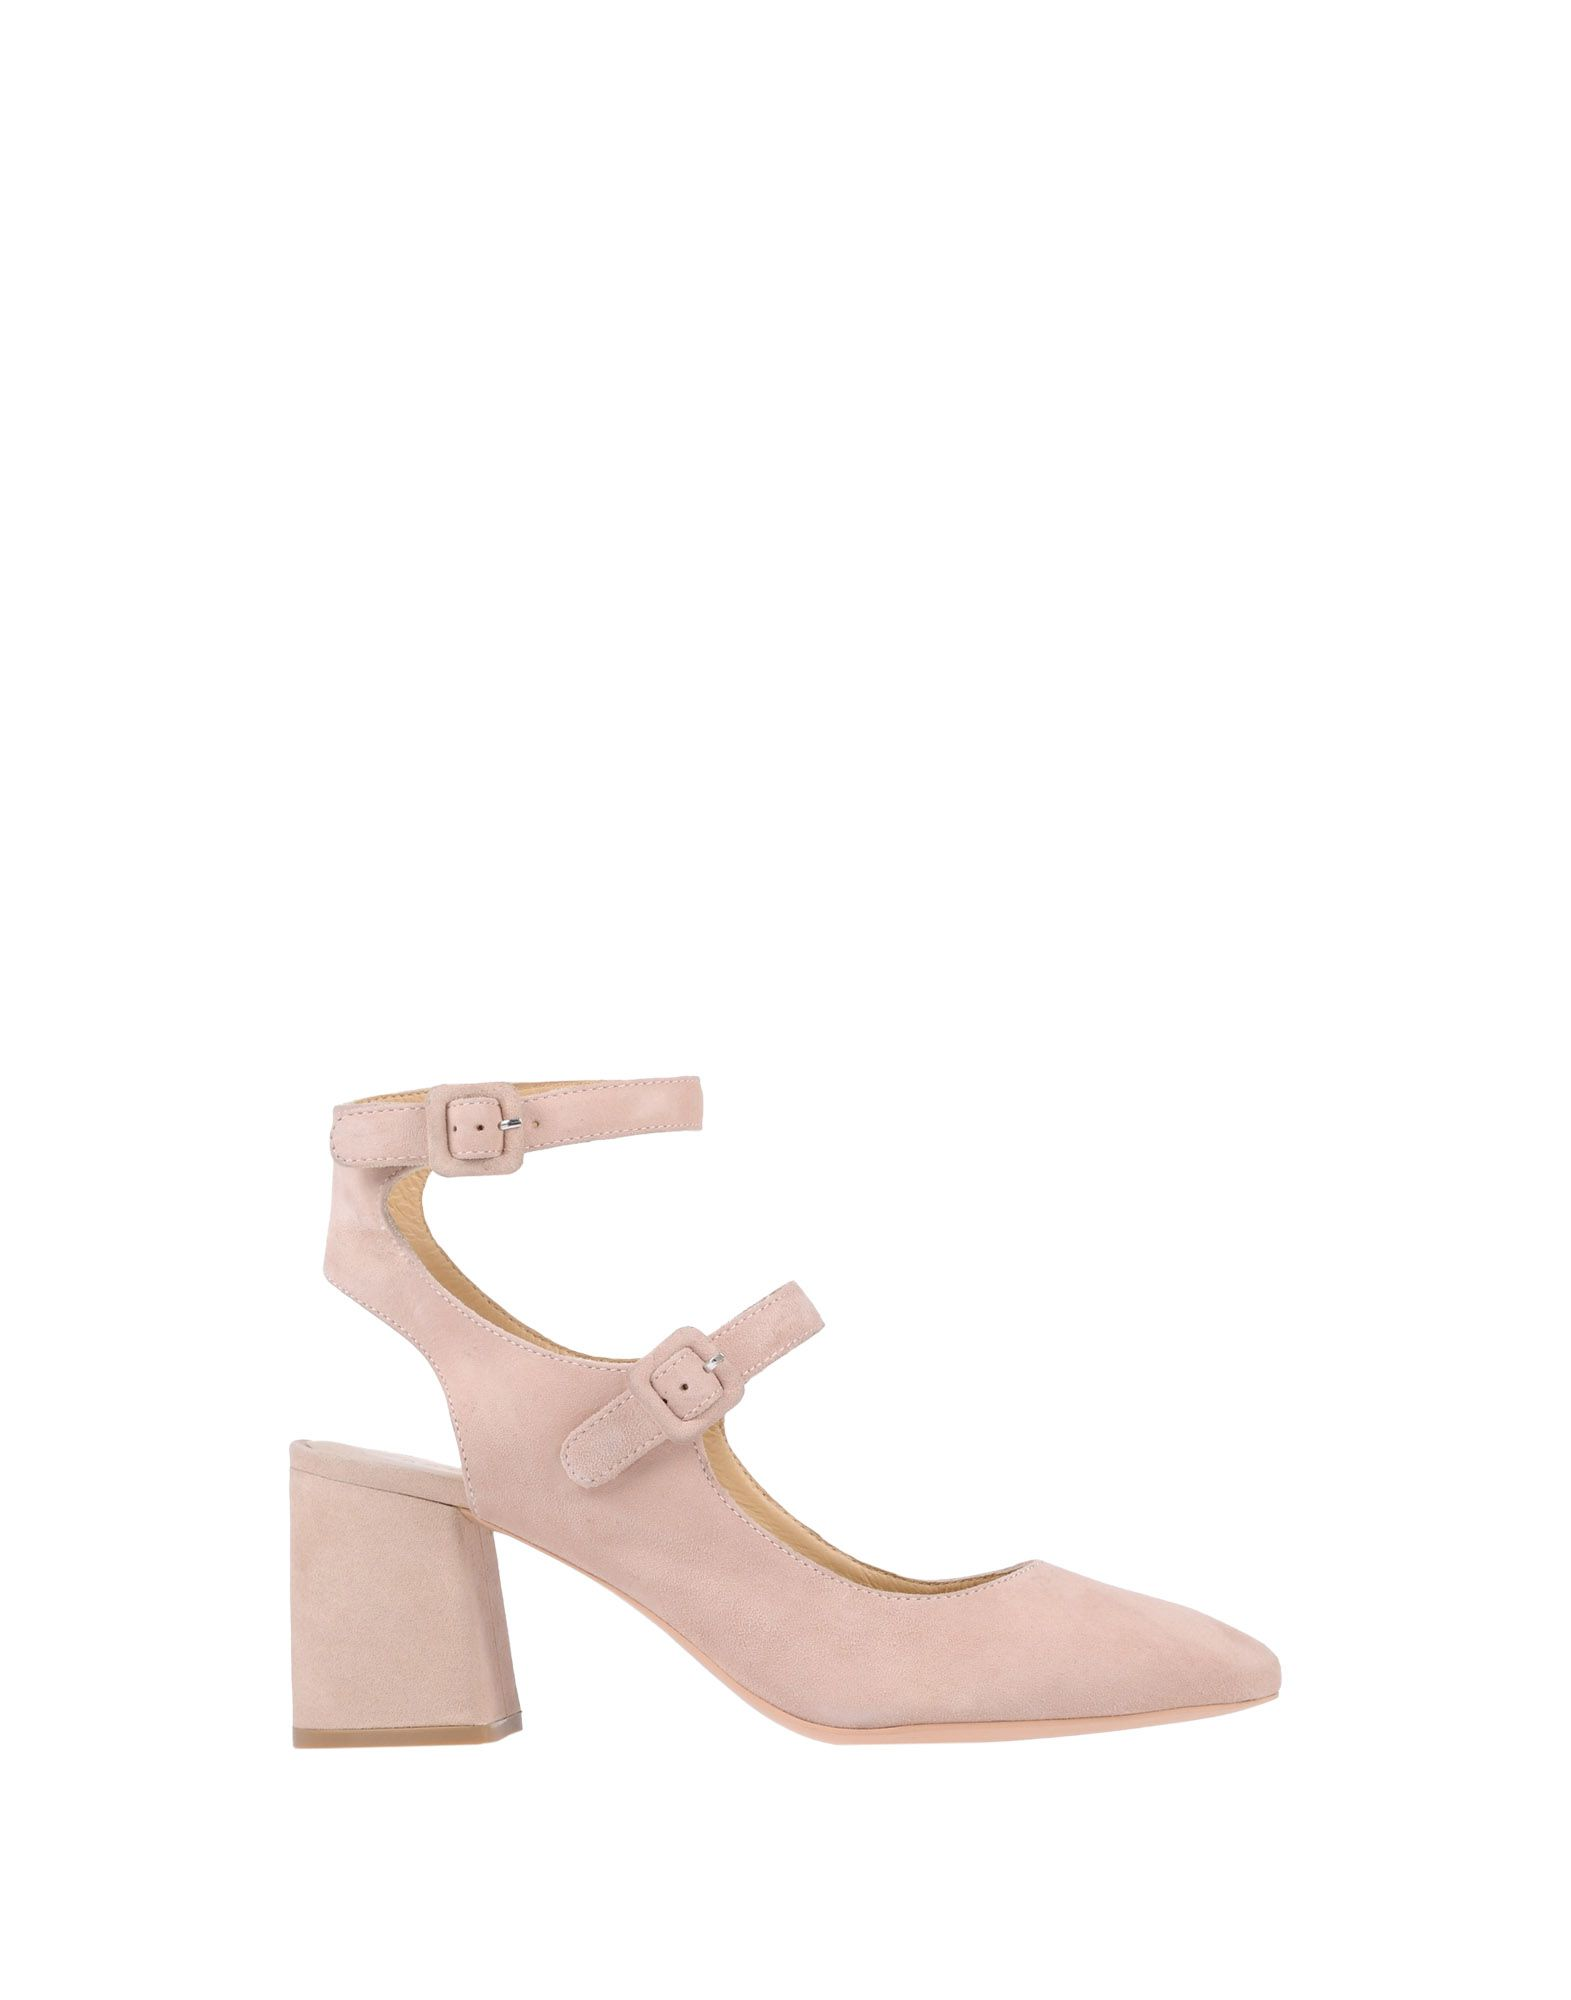 Gut um Premi billige Schuhe zu tragenBruno Premi um Pumps Damen  11443735BL 79f17a